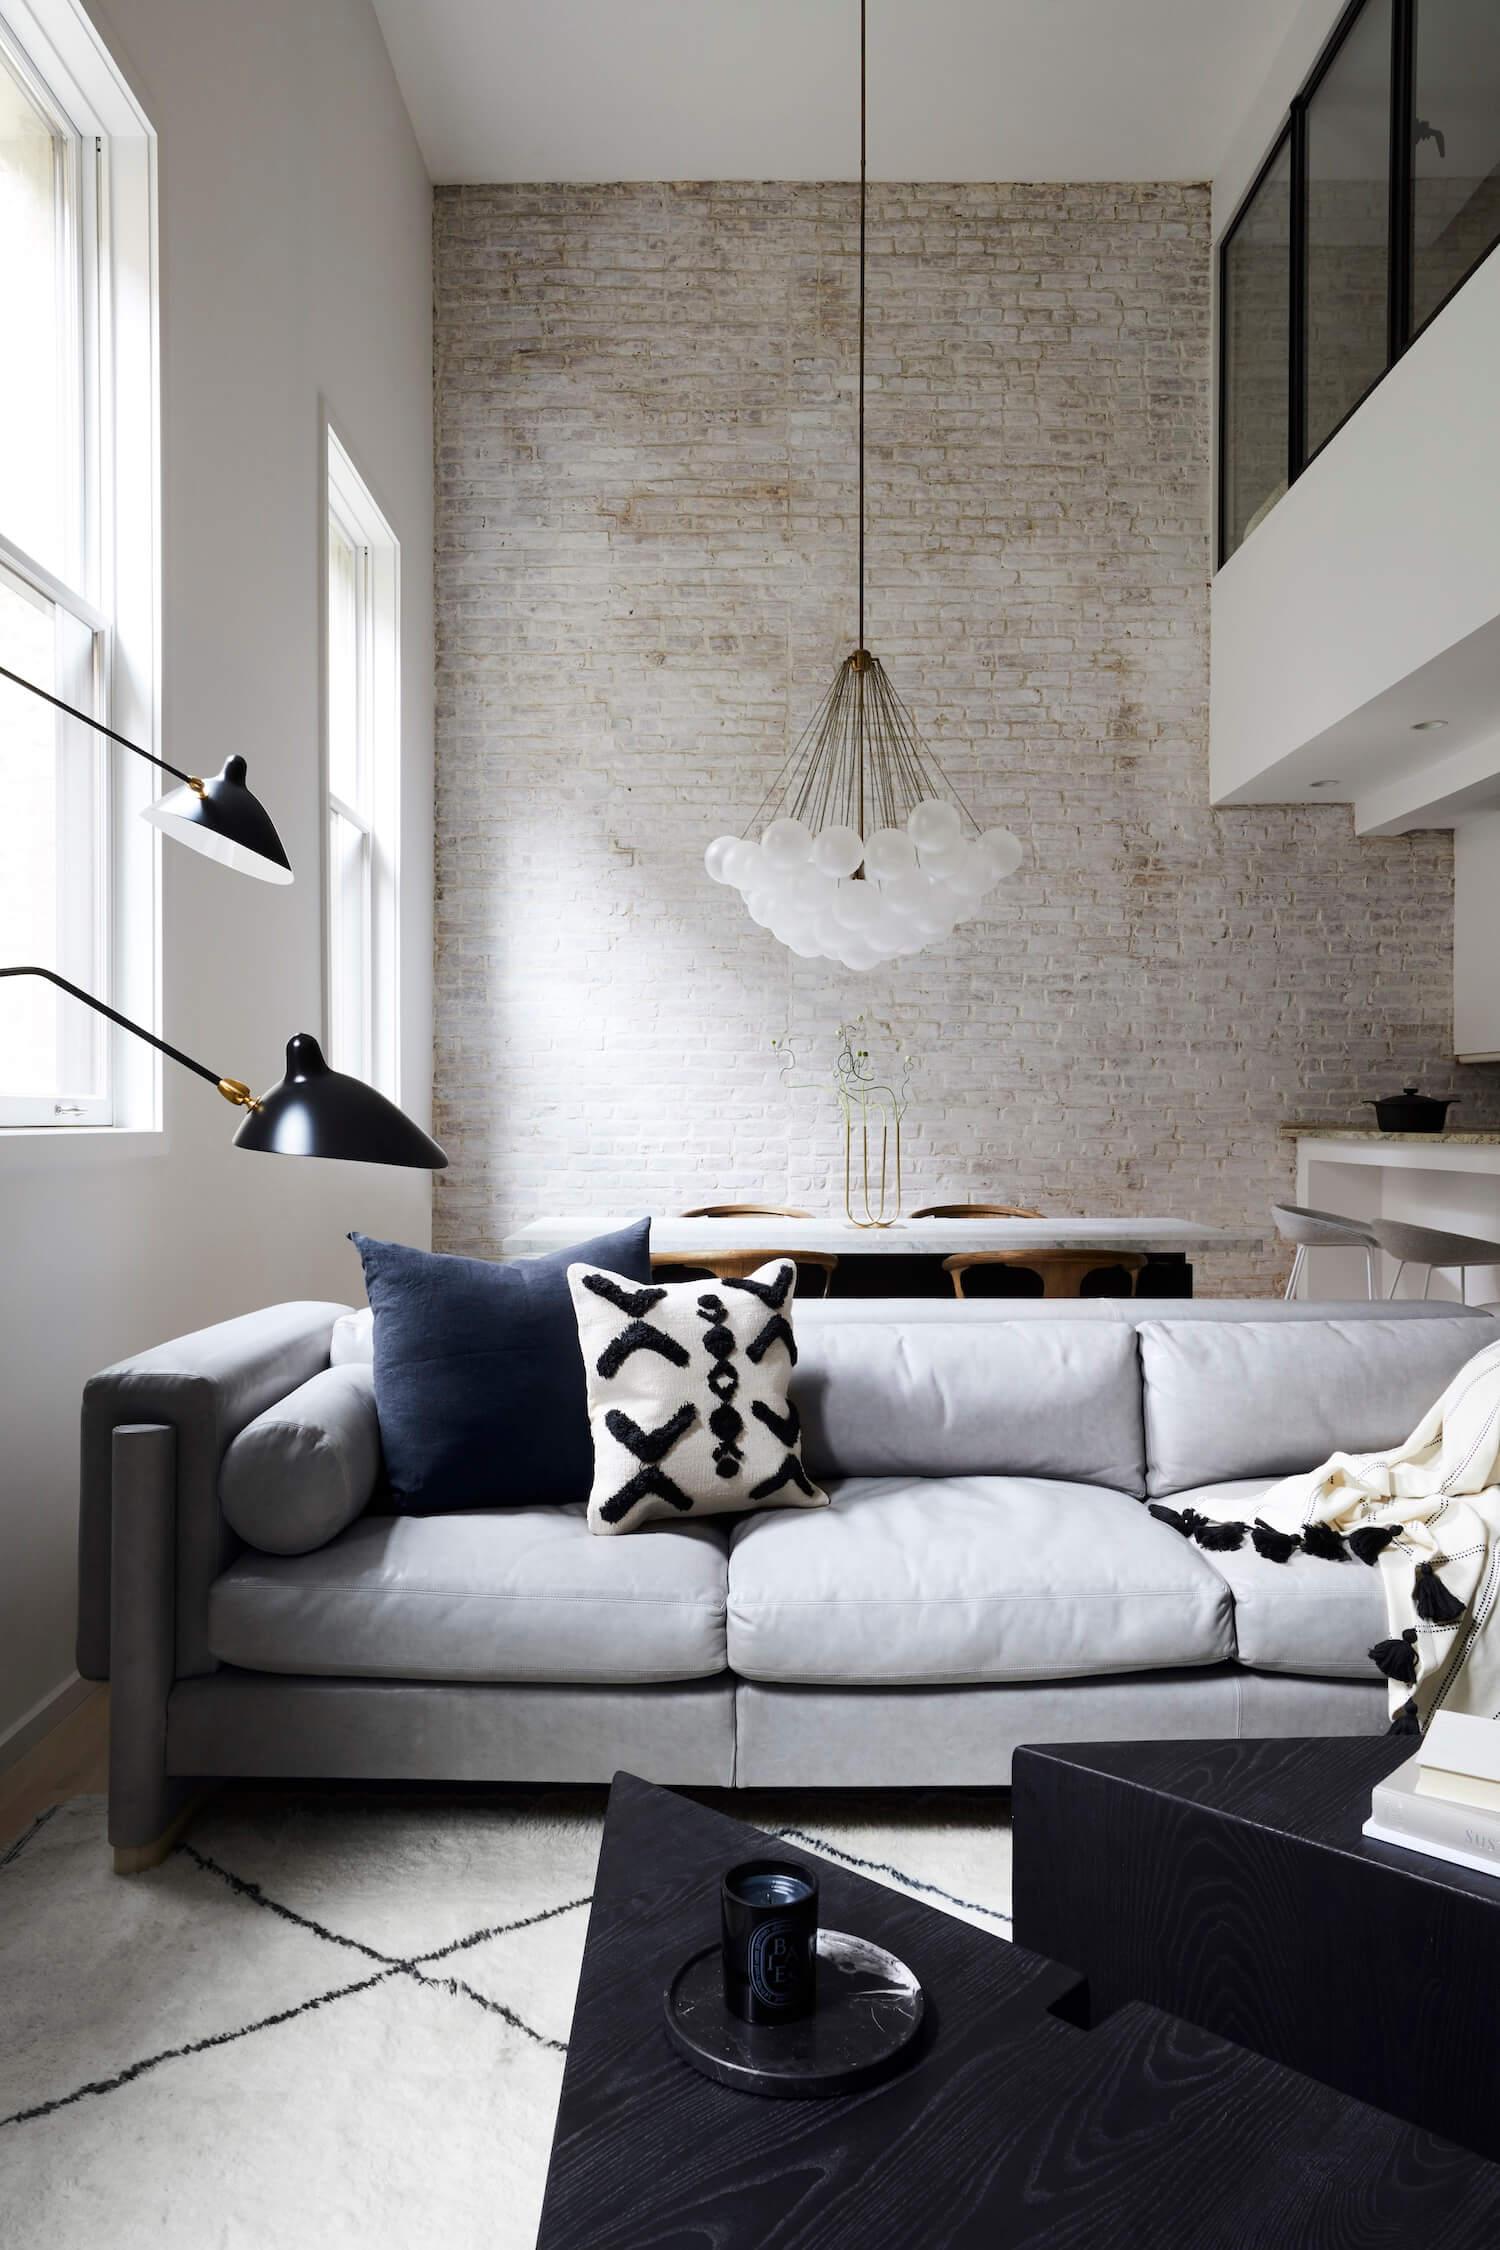 est living interior design sheep and stone 4